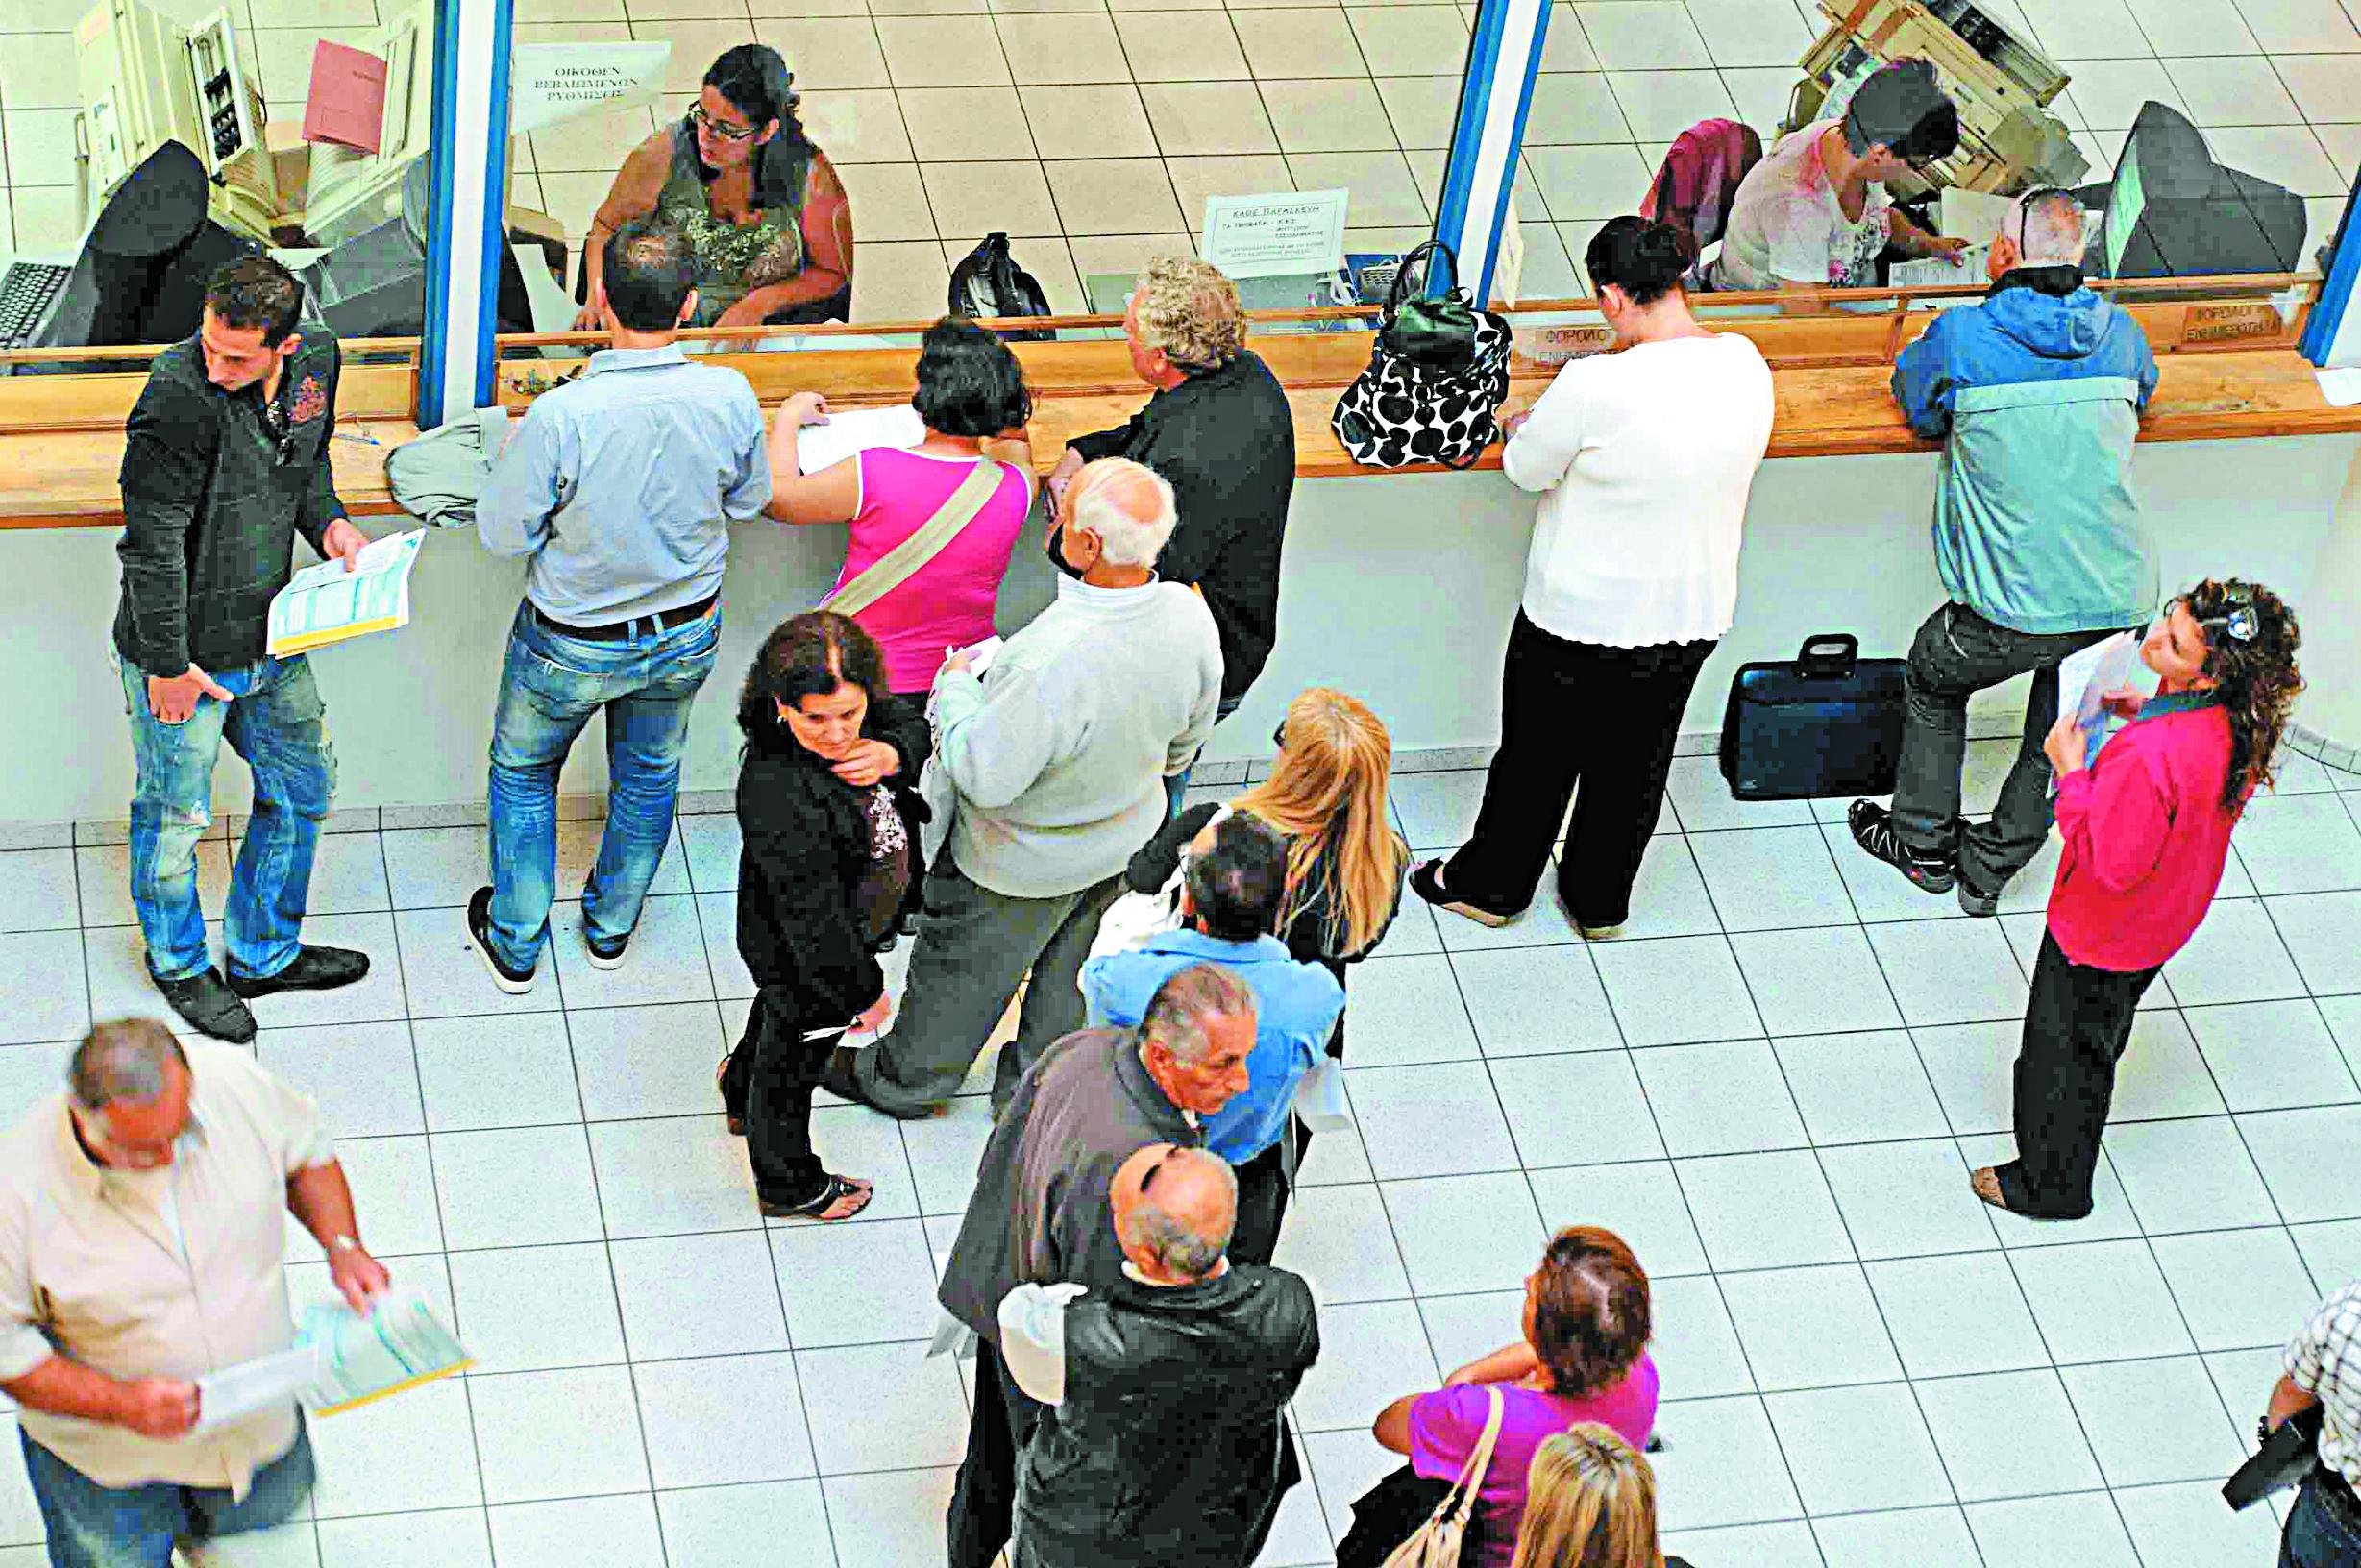 Κριτική στον Τύπο από το υπ. Οικονομικών για το πως παρουσίασε τα νέα ληξιπρόθεμα του Σεπτεμβρίου | tovima.gr